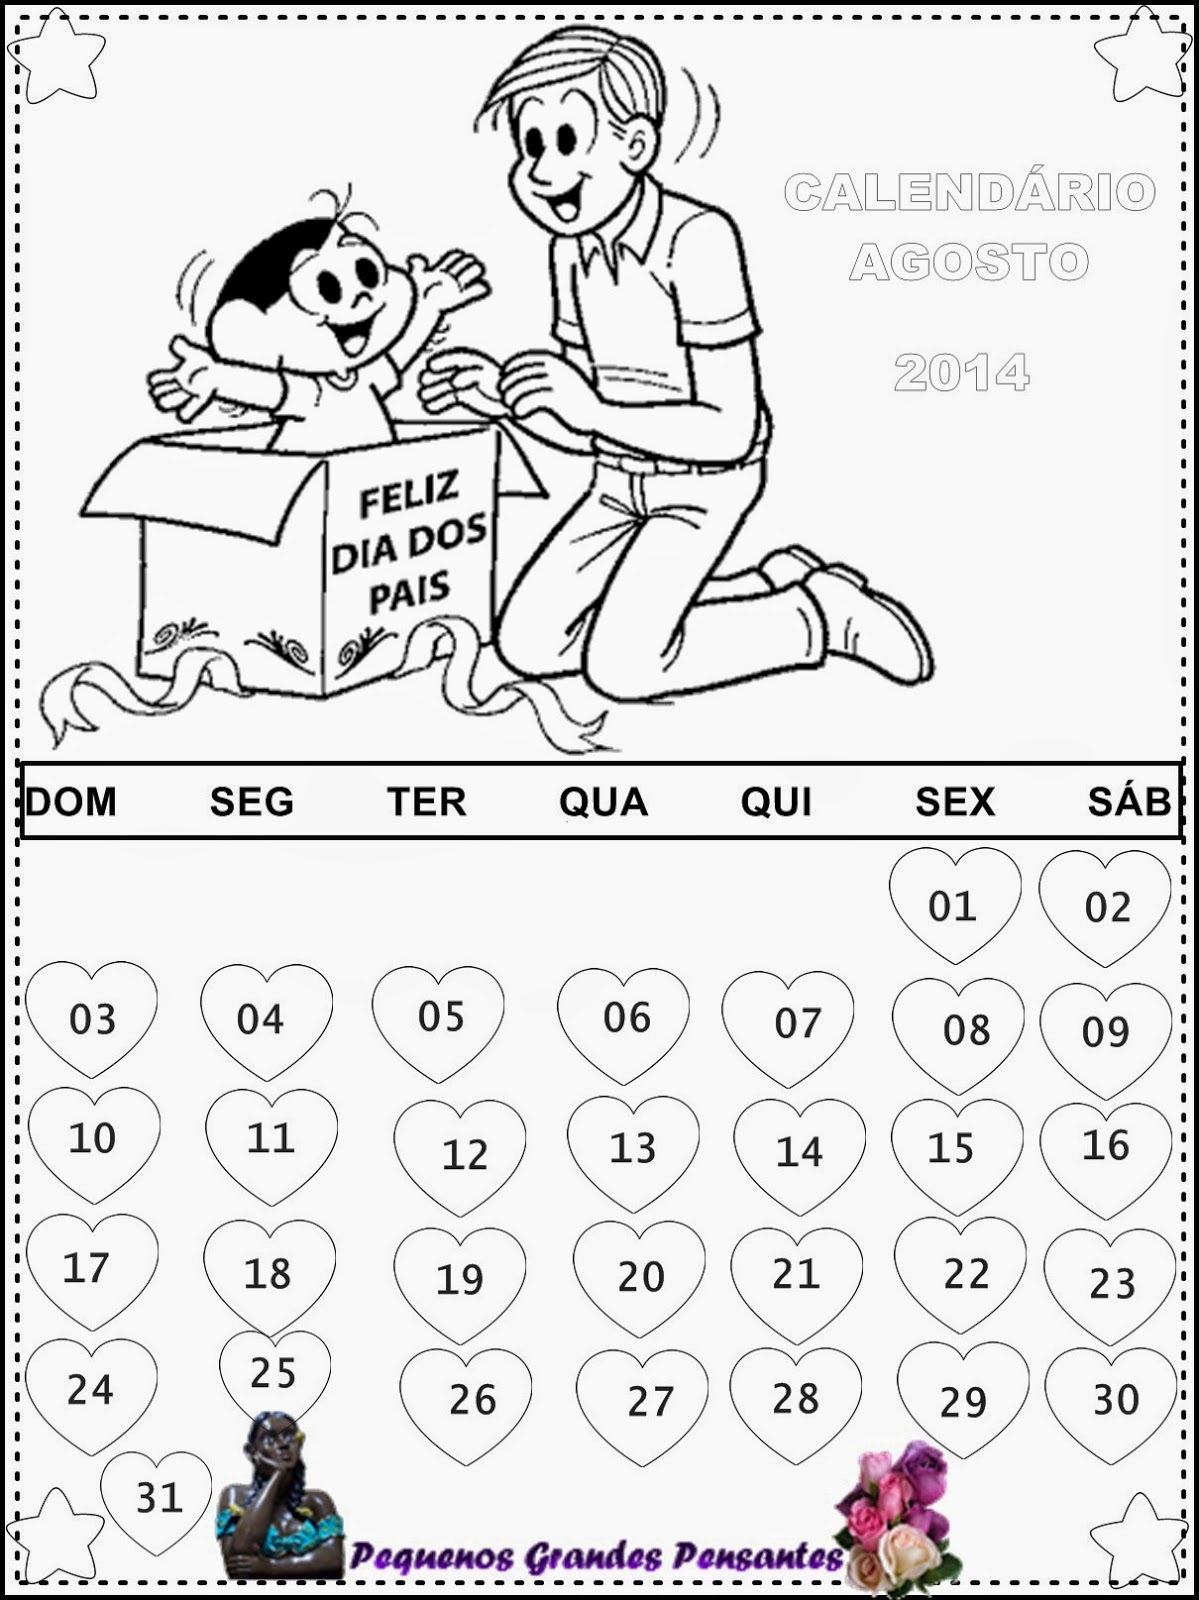 Pequenos Grandes Pensantes.: Calendário Agosto 2014 ...